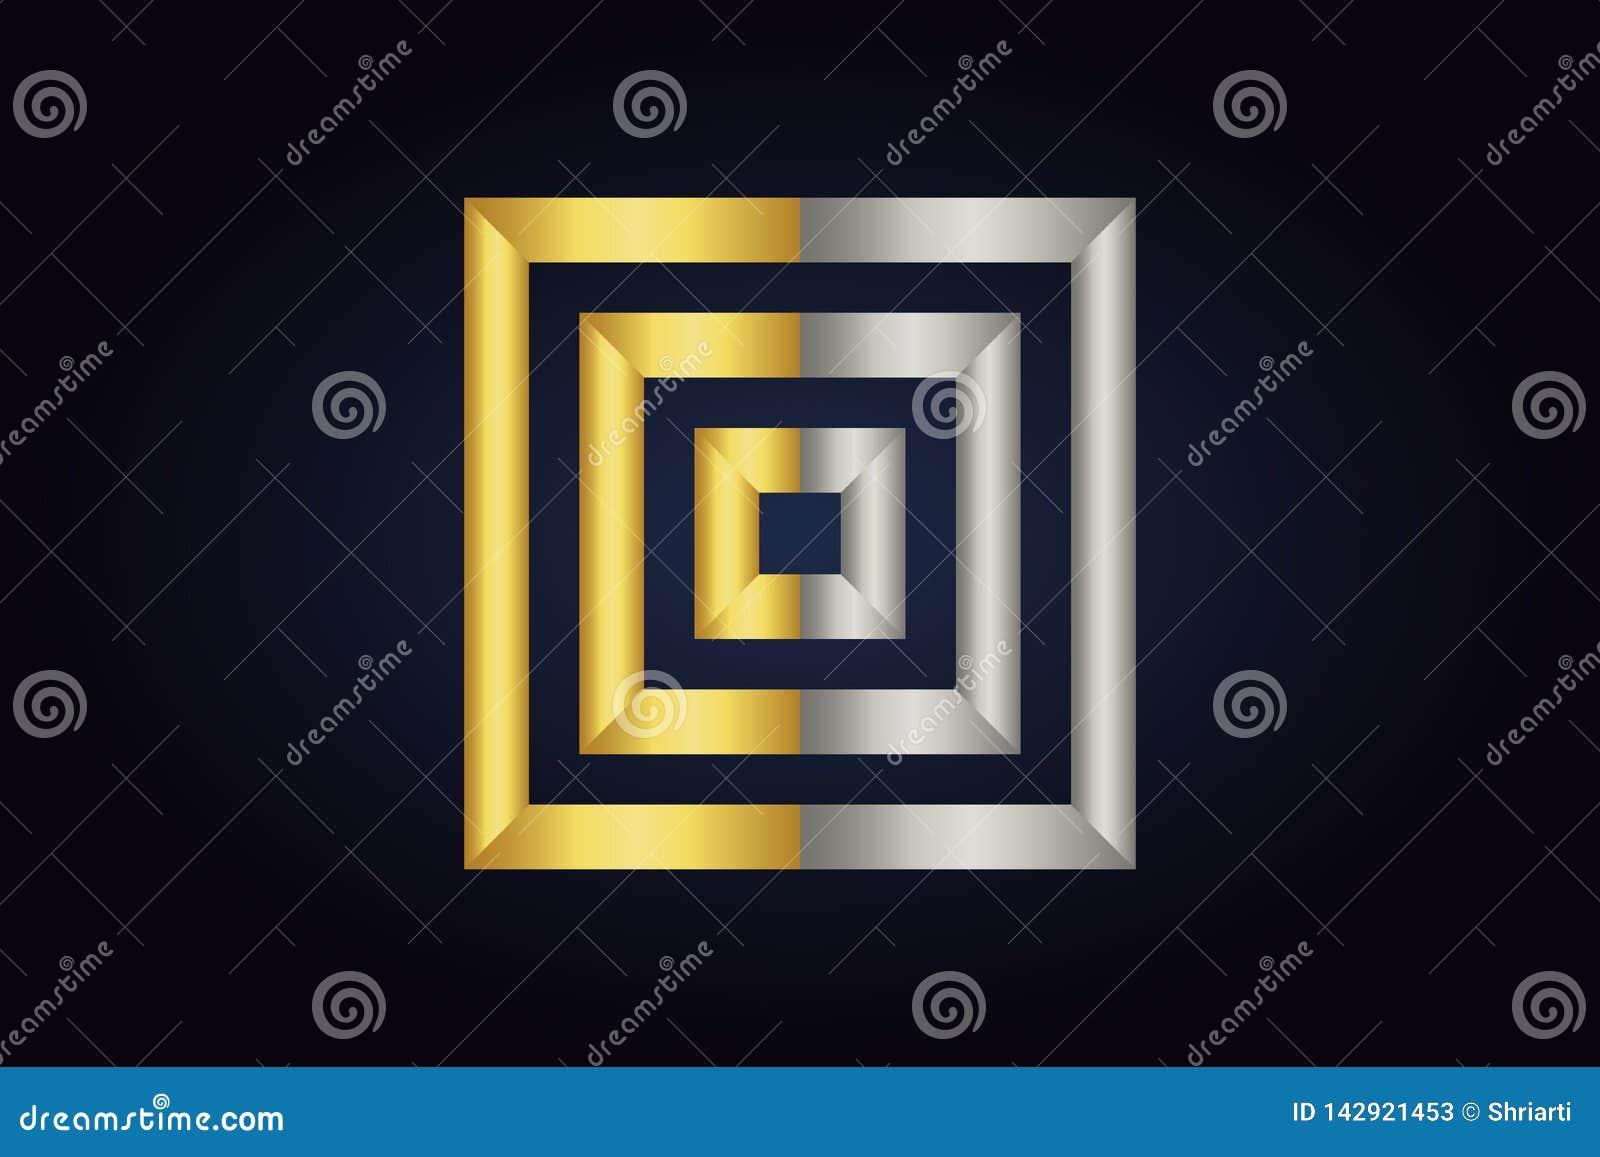 3 квадрата внутри одина другого Квадраты в цветах серебра и золота